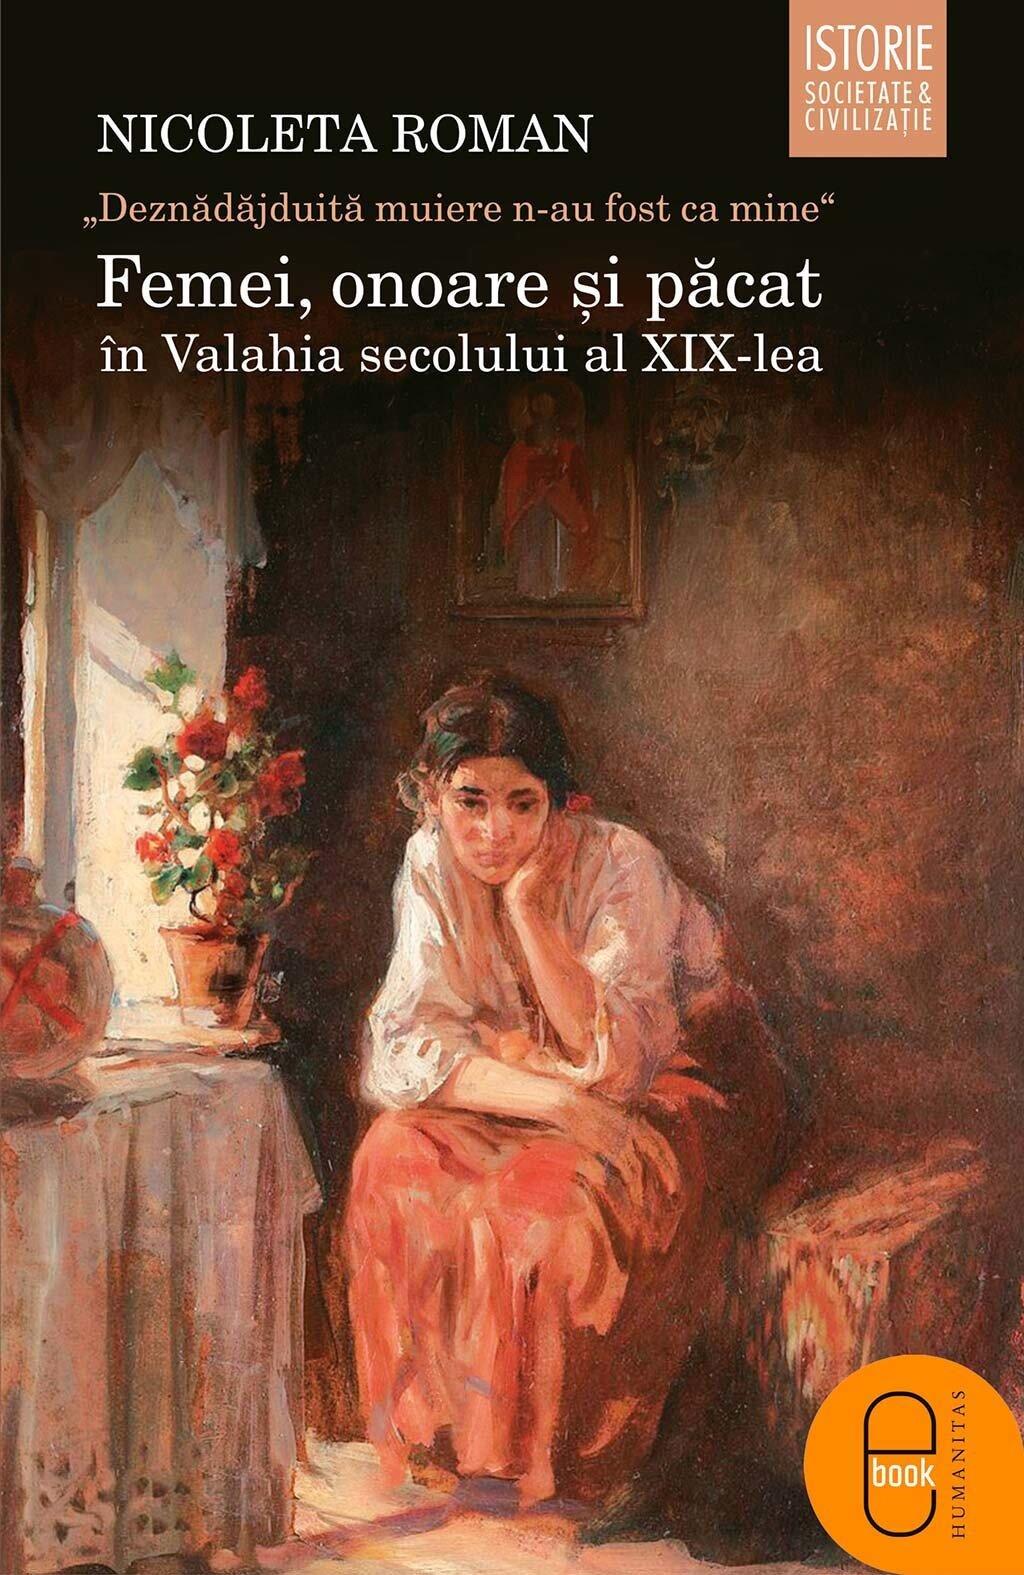 """Femei, onoare si pacat in Valahia secolului al XIX-lea. """"Deznadajduita muiere n-au fost ca mine"""" (eBook)"""